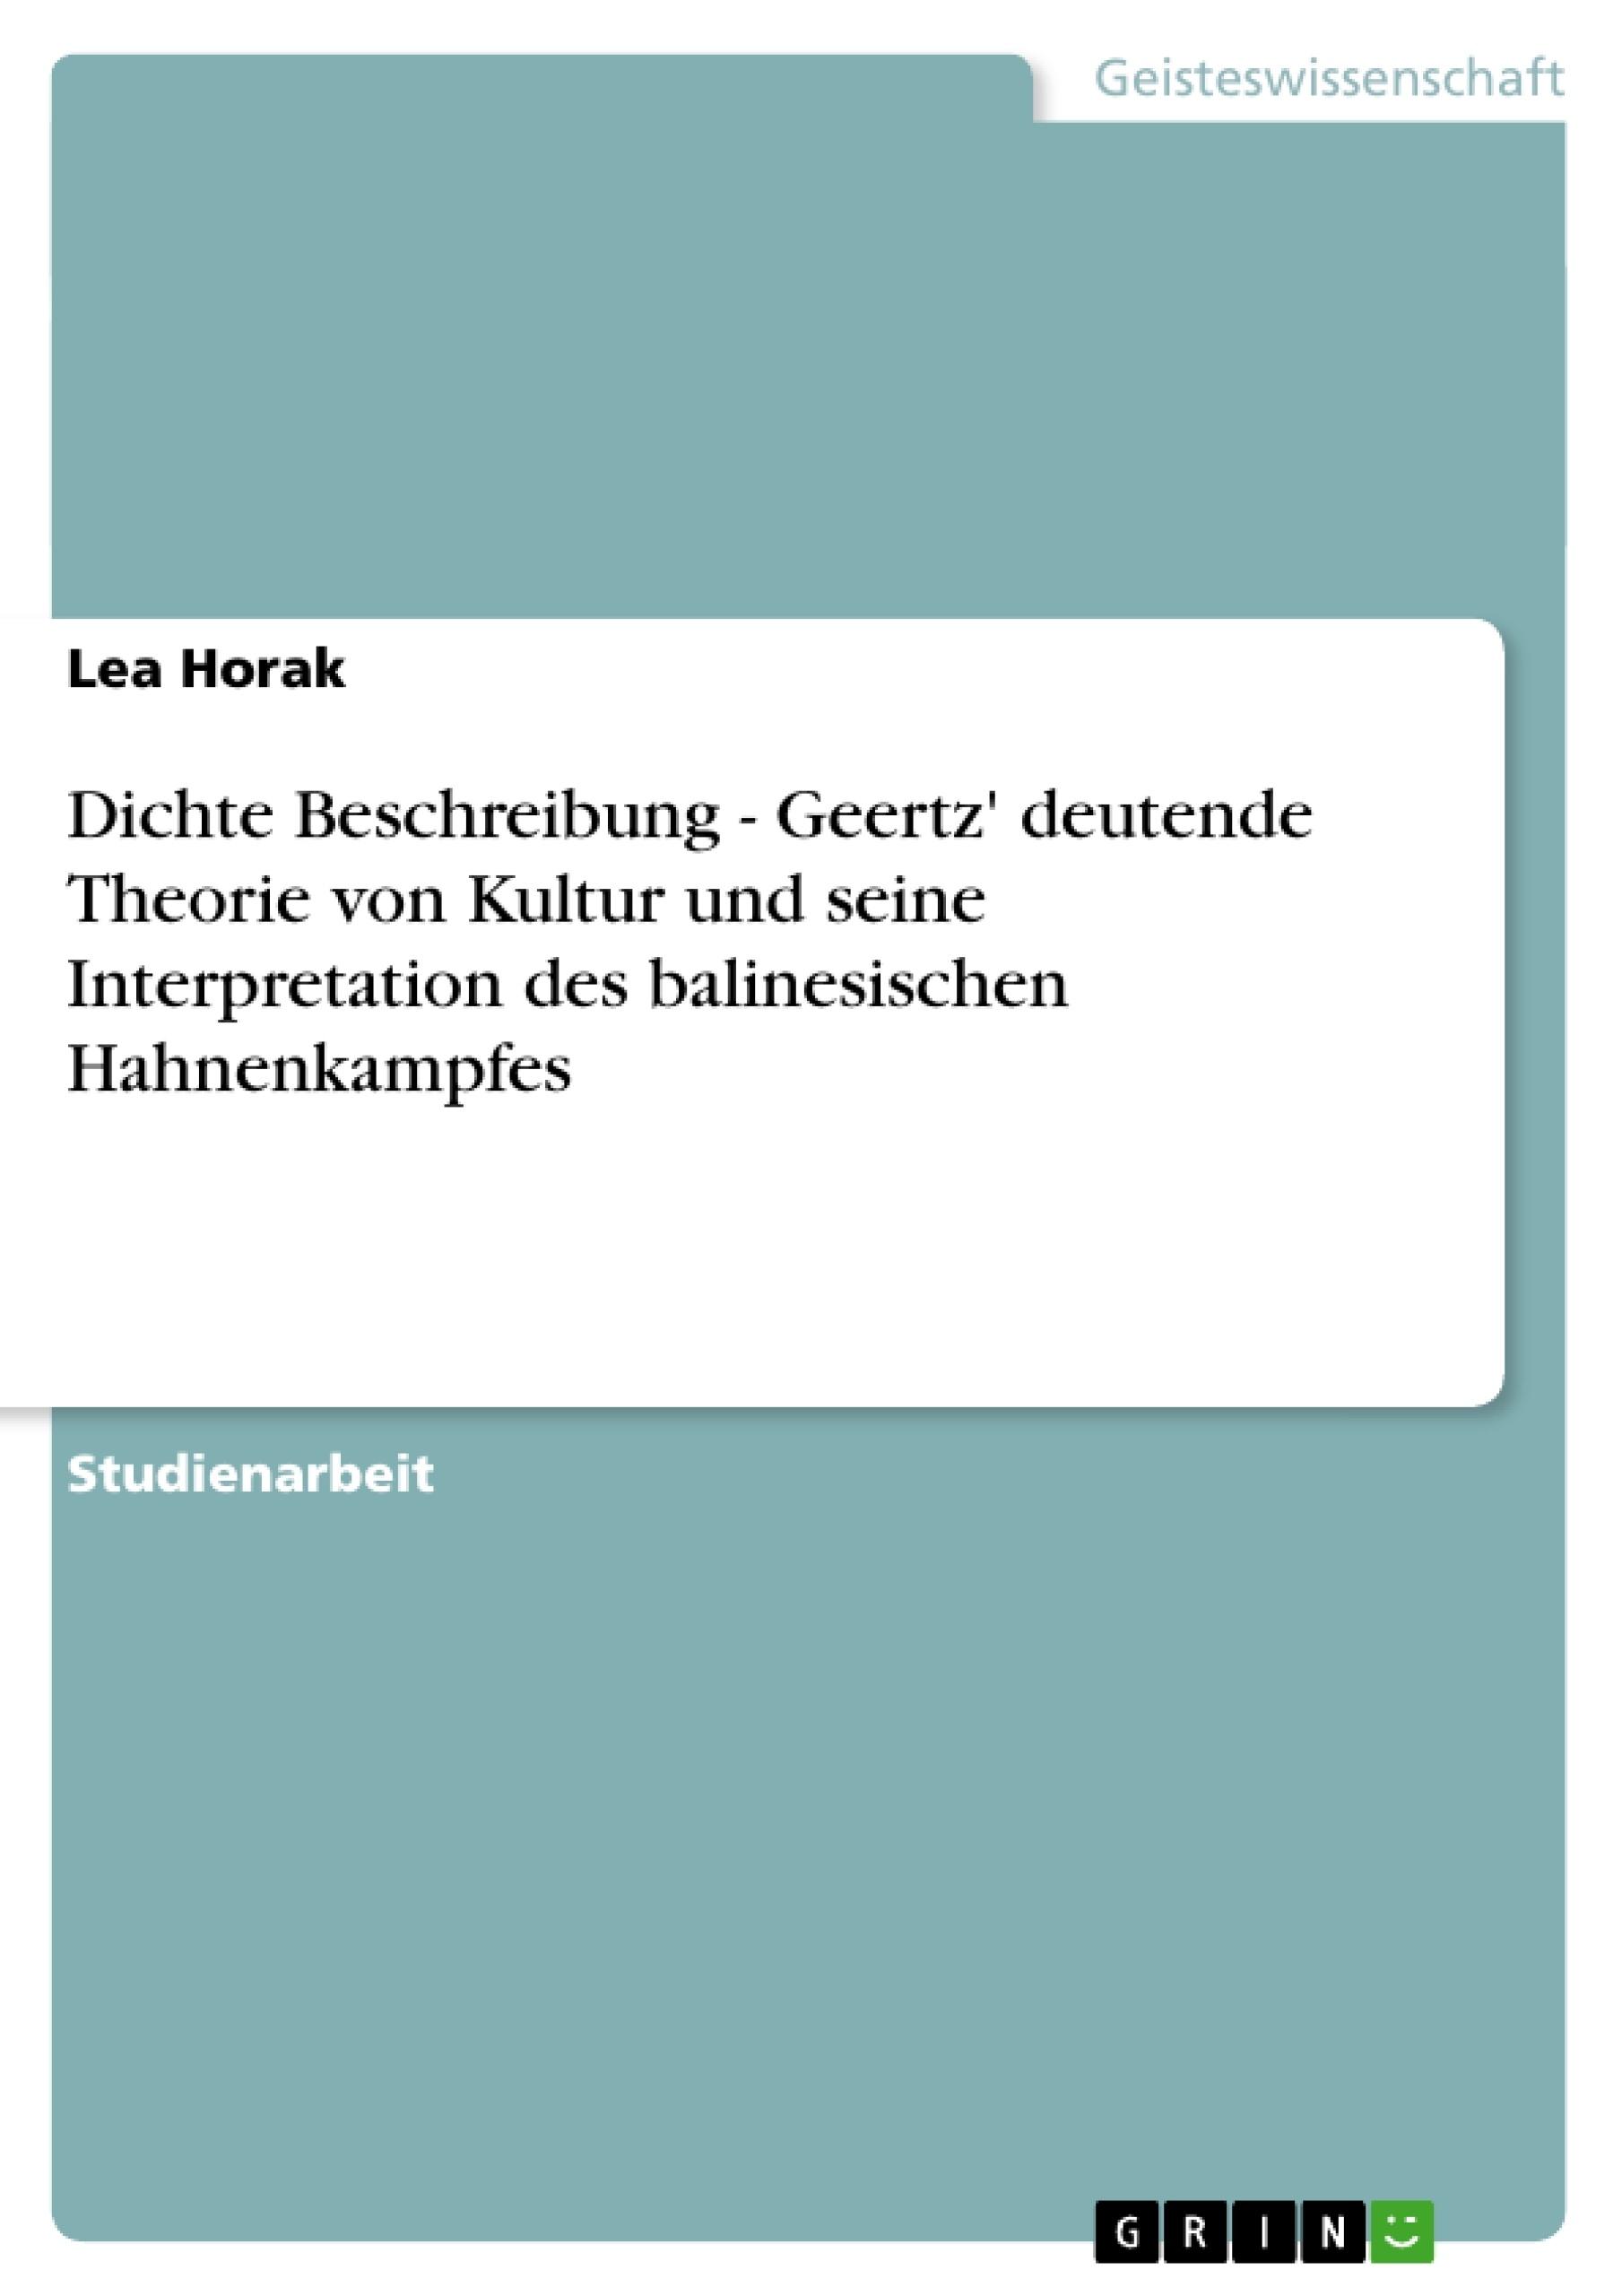 Titel: Dichte Beschreibung - Geertz' deutende Theorie von Kultur und seine Interpretation des balinesischen Hahnenkampfes